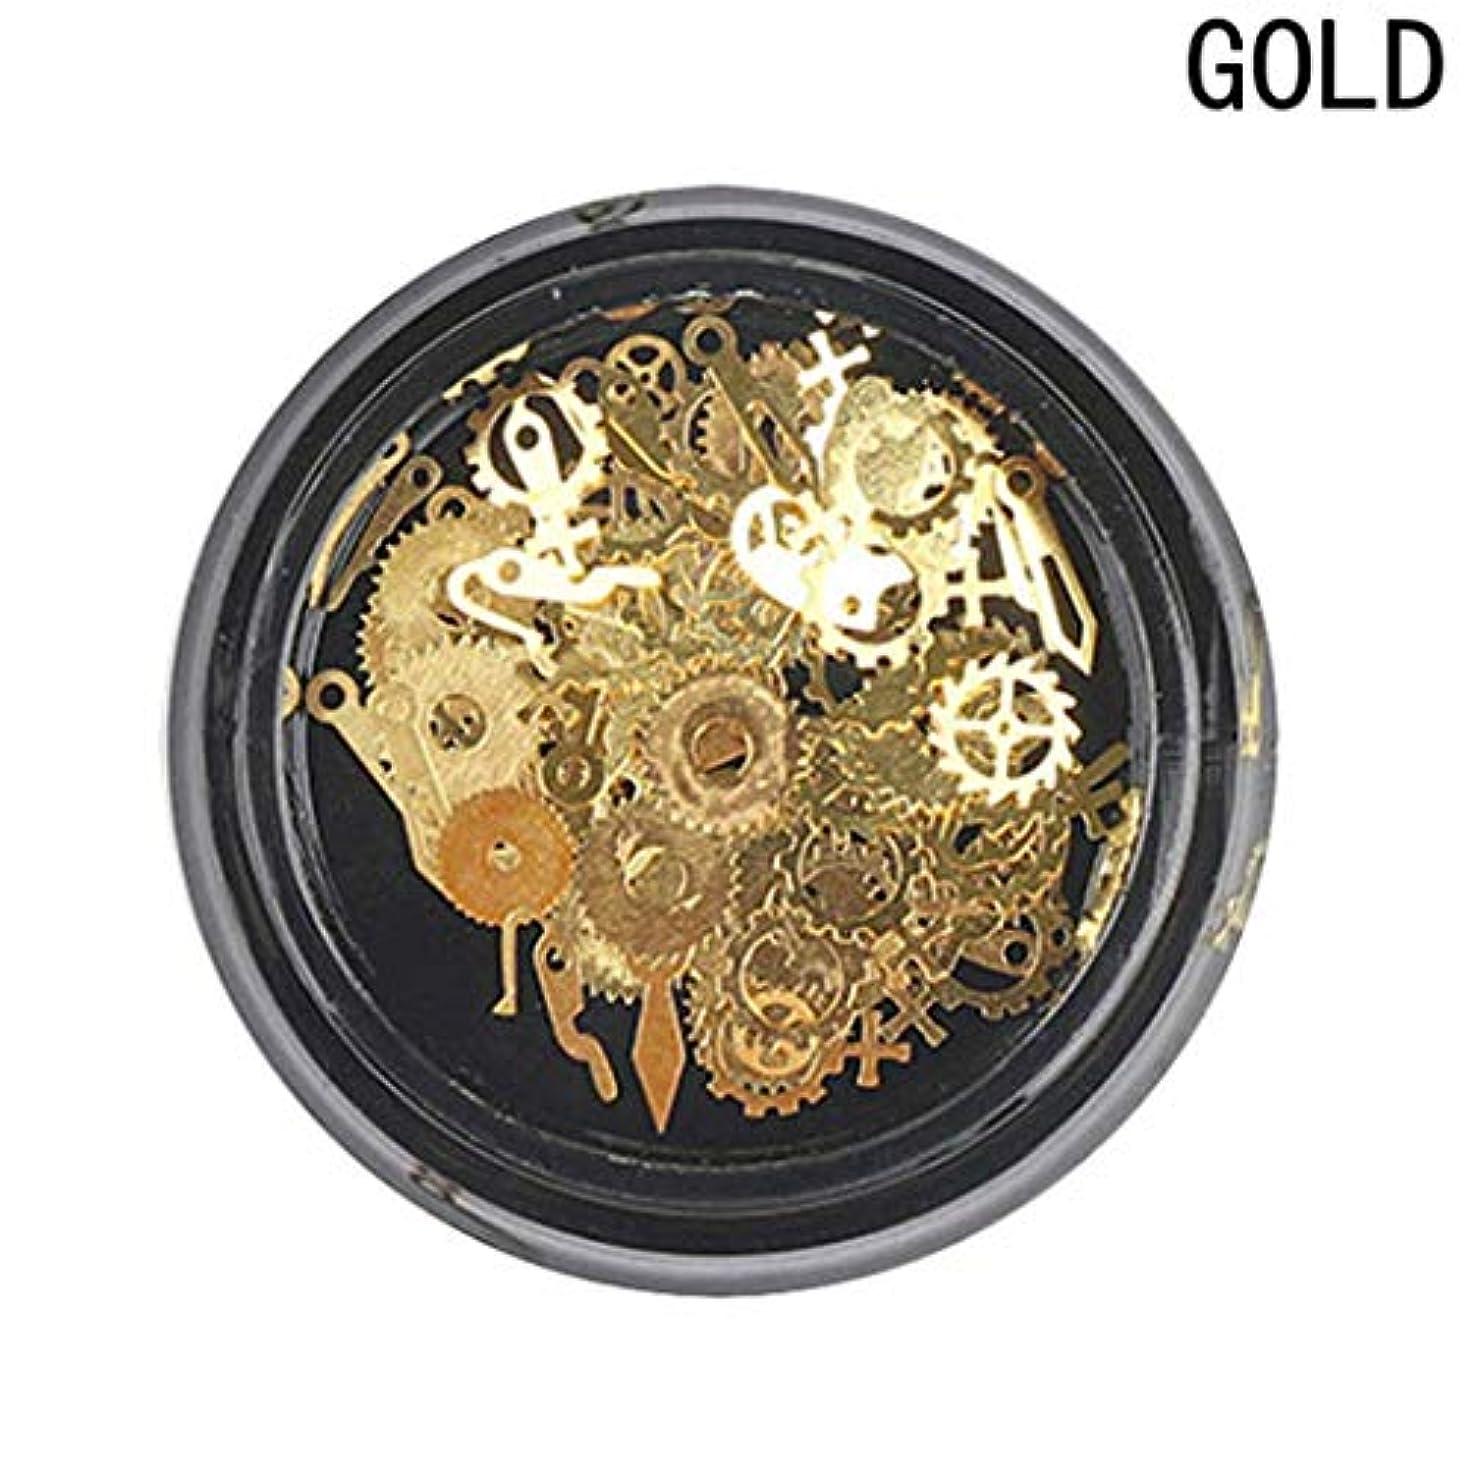 最終データム手術Wadachikis ベストセラーファッションユニークな合金蒸気パンクギアネイルアート装飾金属スタイルの創造的な女性の爪DIYアクセサリー1ボックス(None golden)